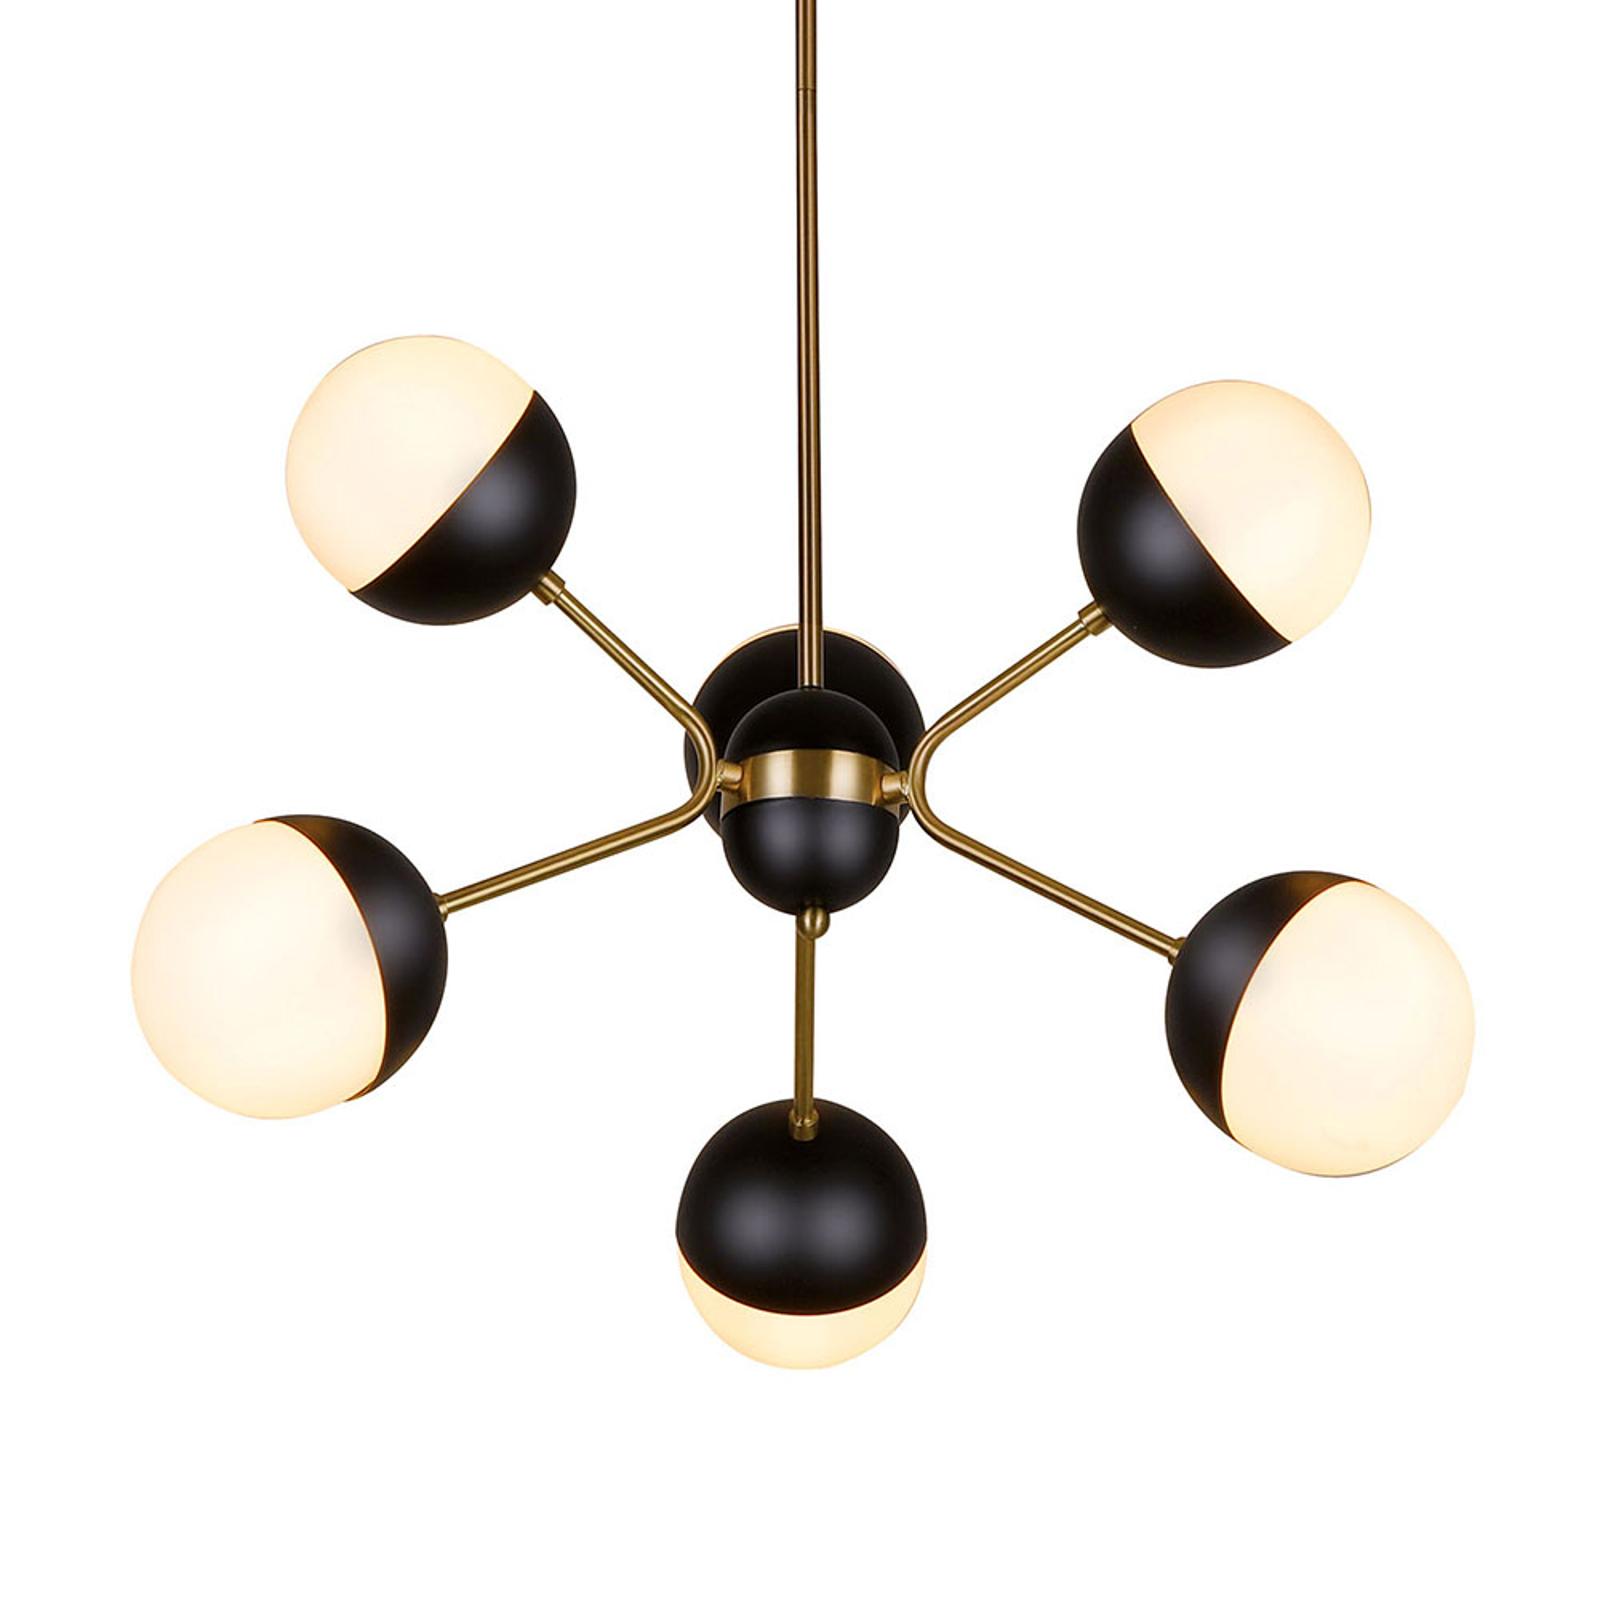 Lampa wisząca Orbit, 6-punktowa